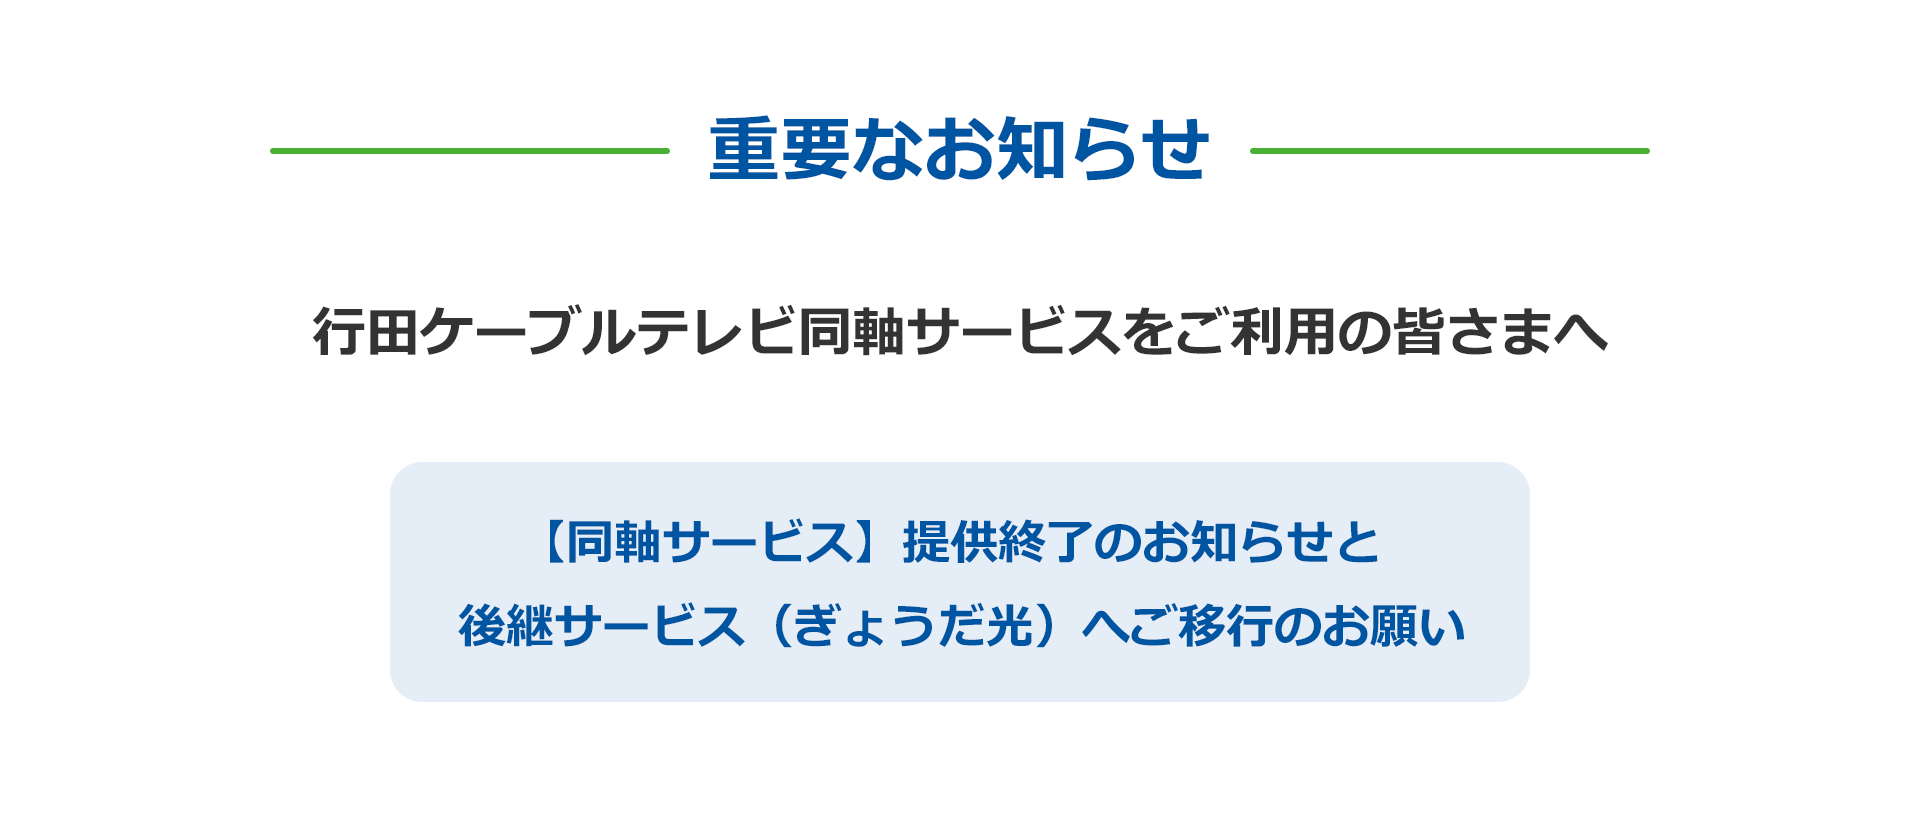 重要なお知らせ 行田ケーブルテレビ同軸サービスをご利用の皆さまへ 【同軸サービス】提供終了のお知らせと 後継サービス(ぎょうだ光)へご移行のお願い